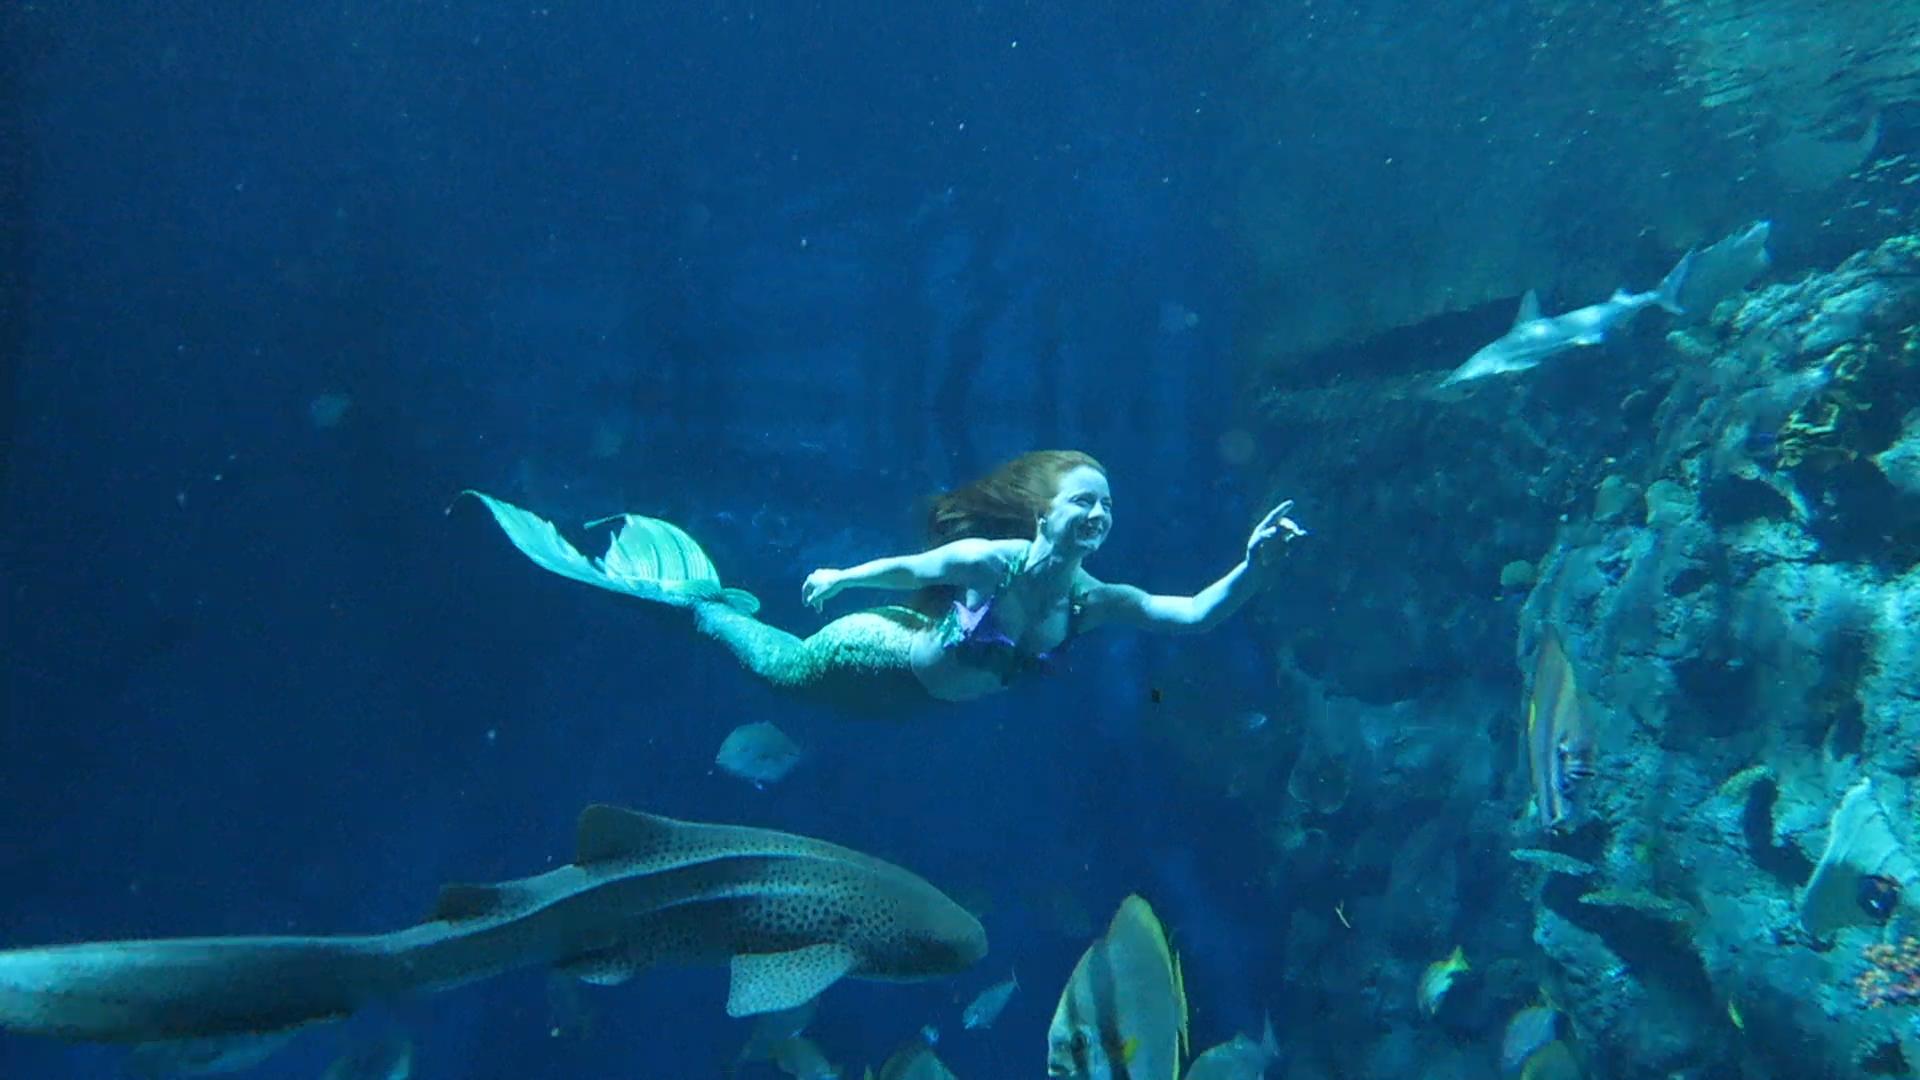 Catalina Mermaid Swimming with Sharks.jpg